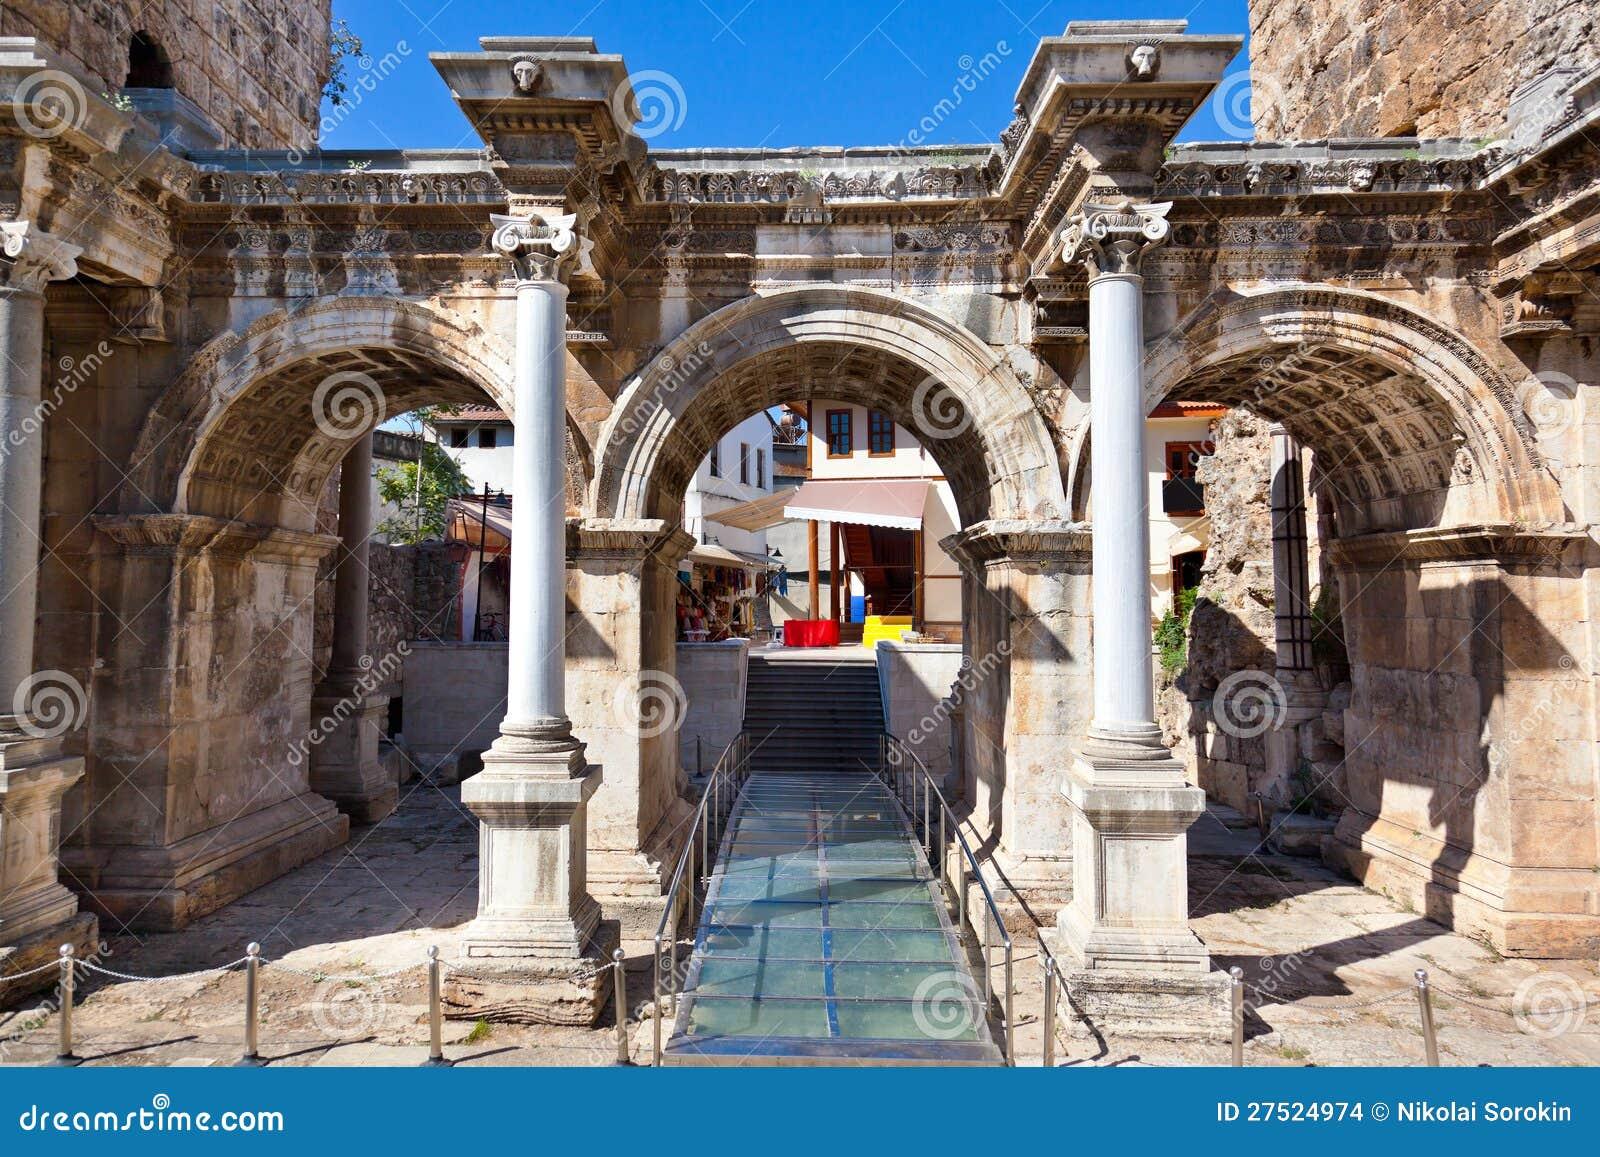 Old Town Kaleici In Antalya Turkey Stock Images - Image: 27524974